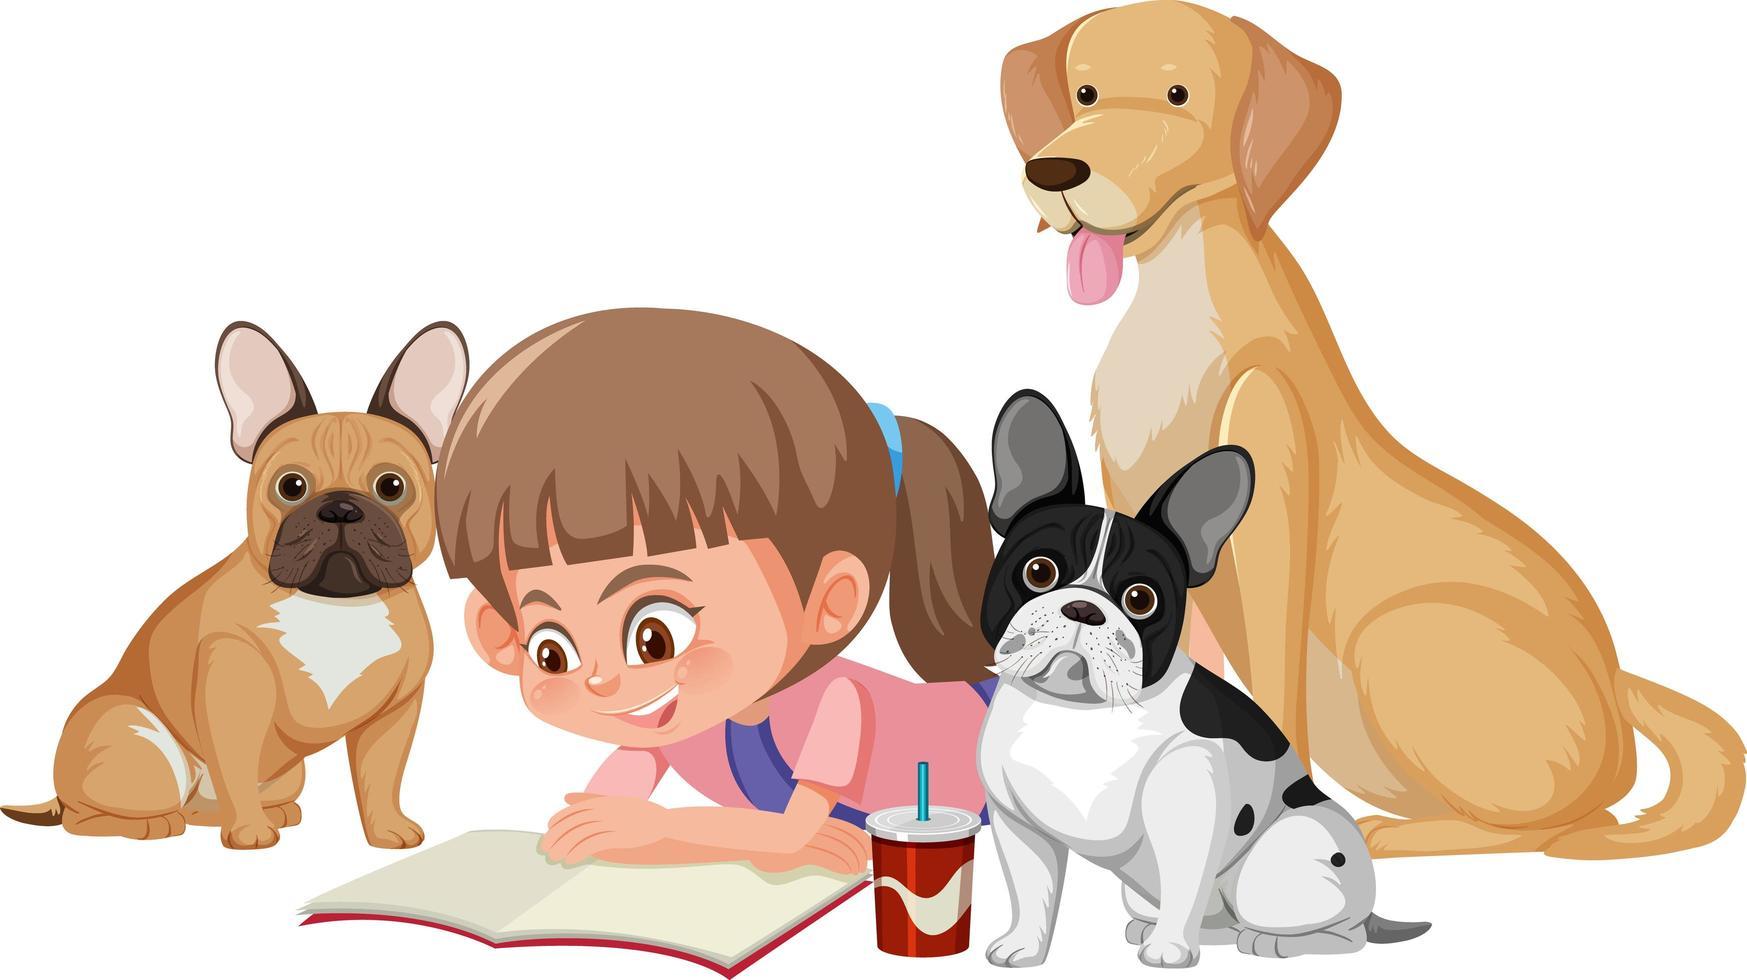 una ragazza che gioca con cani carini su sfondo bianco vettore